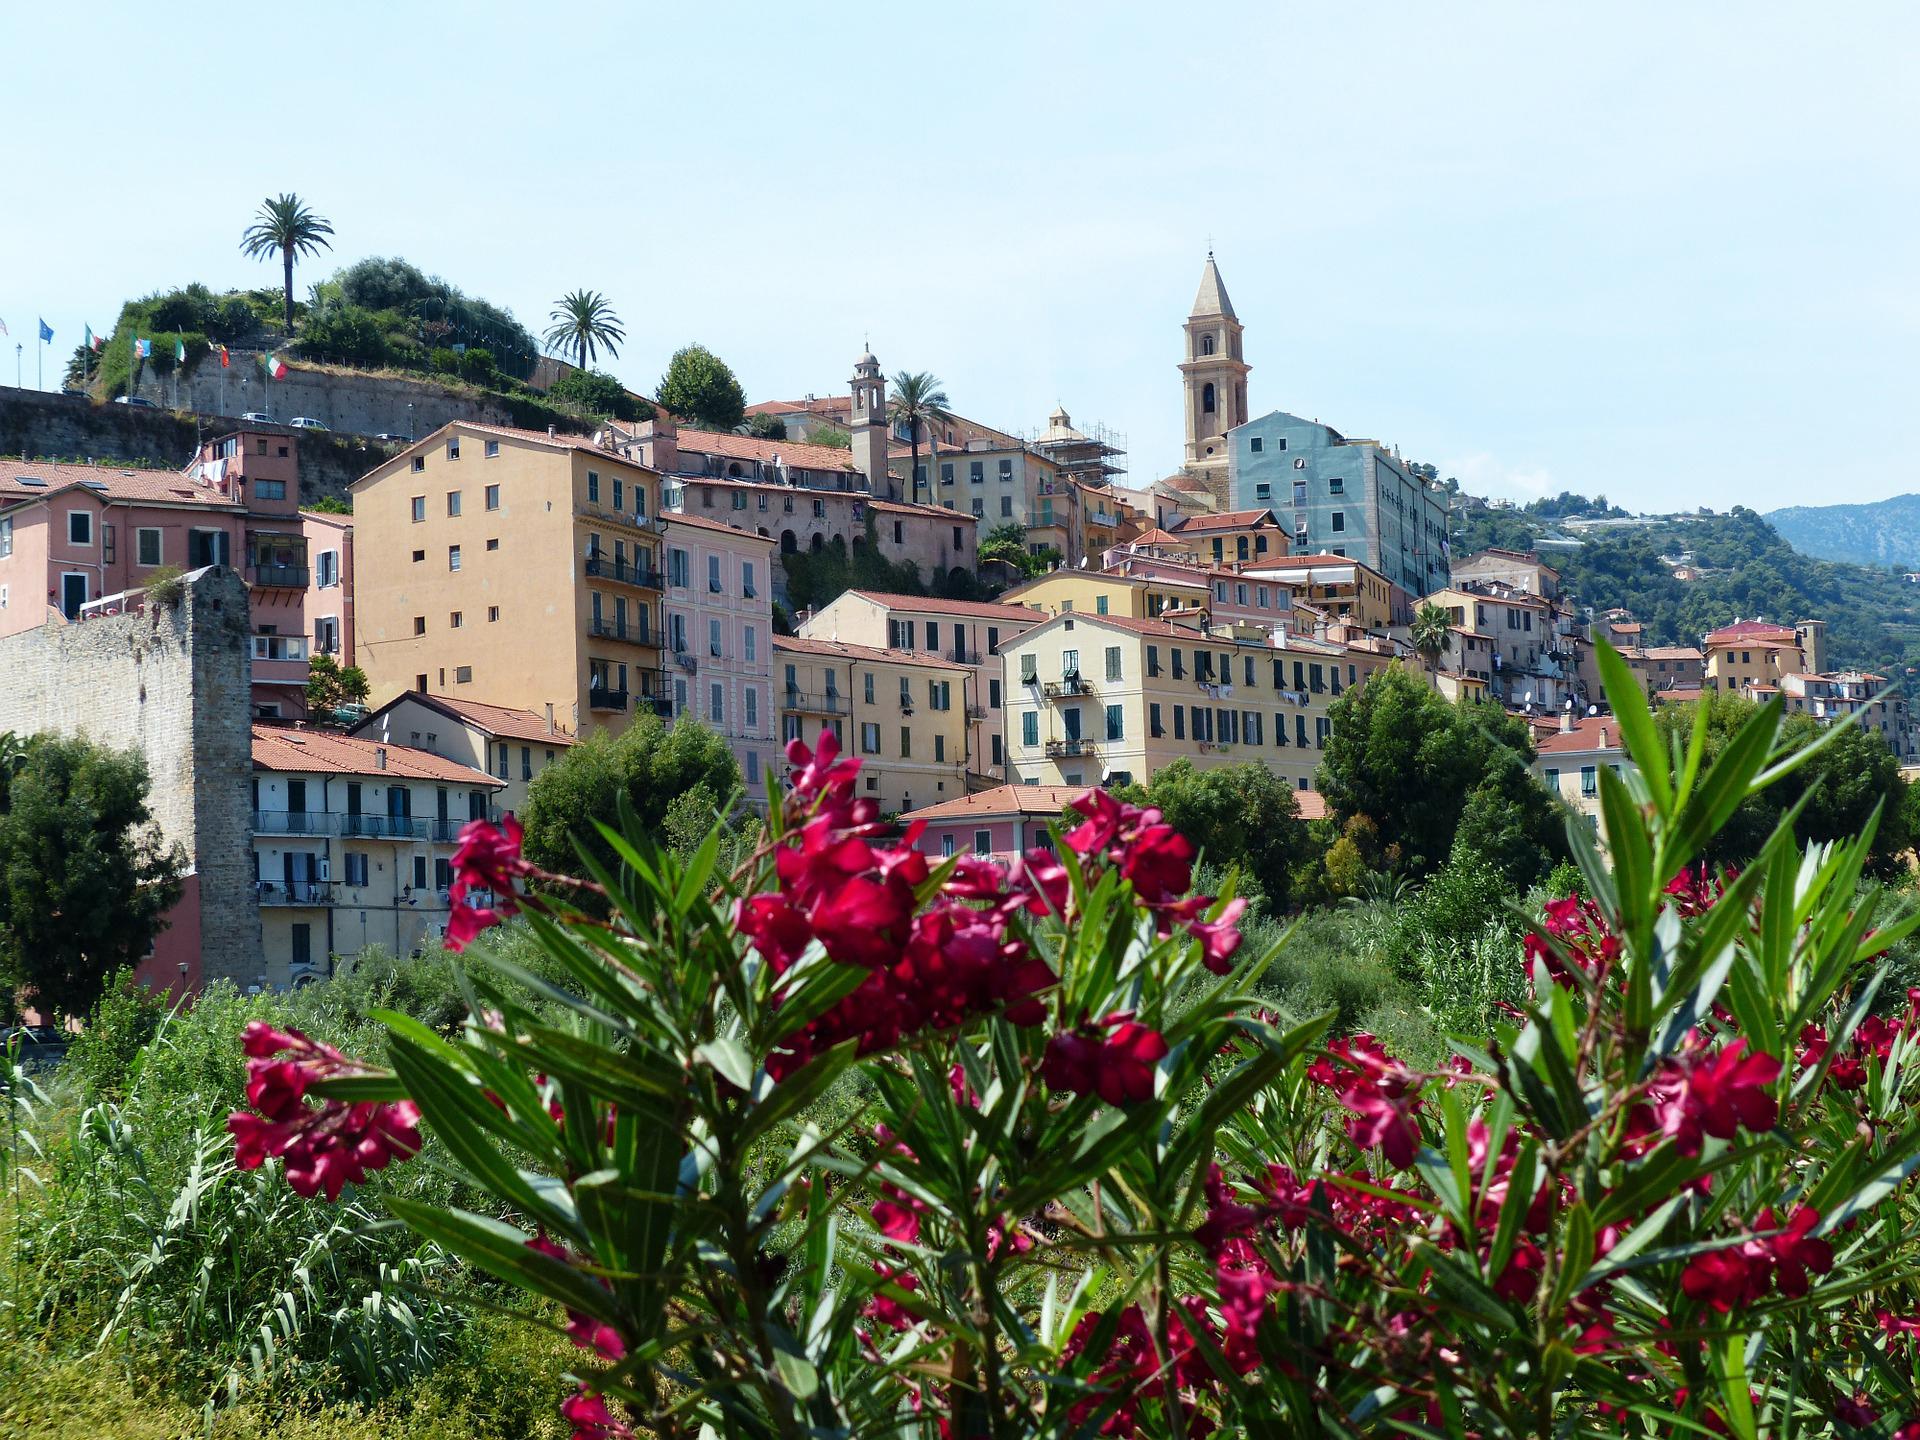 Turismo e servizi immobiliari Ventimiglia Imperia